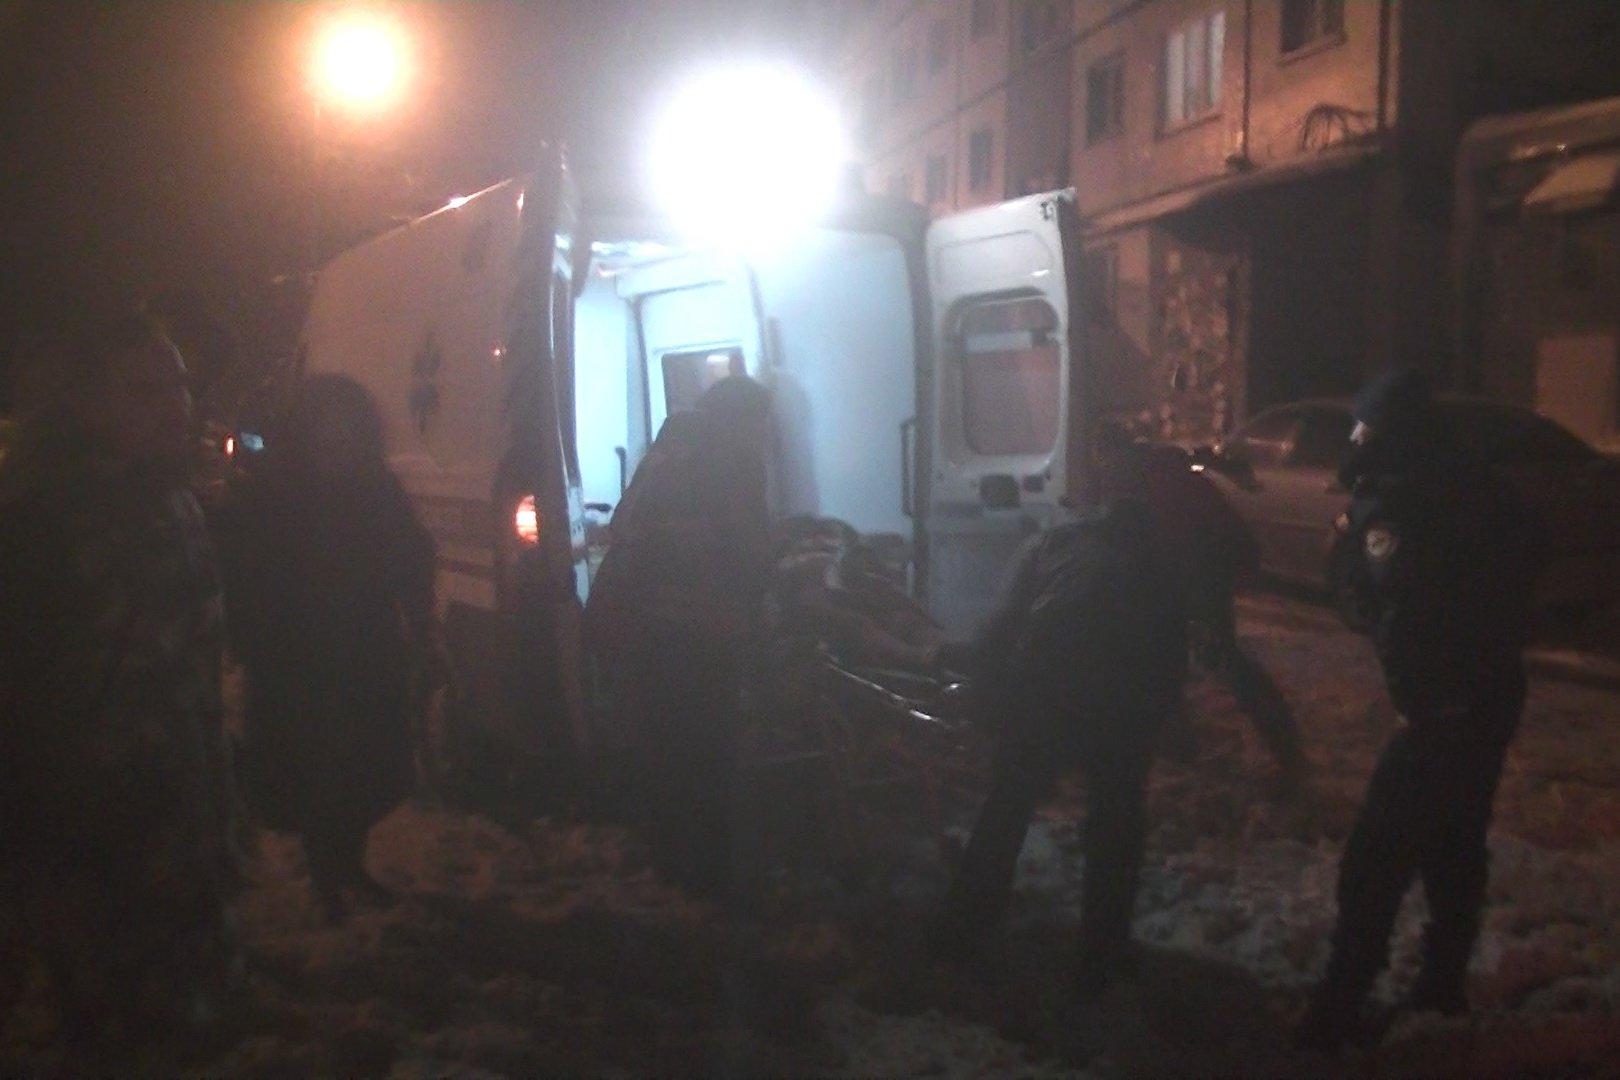 Пожар в многоэтажке: Спасено 18 жителей, еще 48 — вывели на свежий воздух (ФОТО, ВИДЕО)